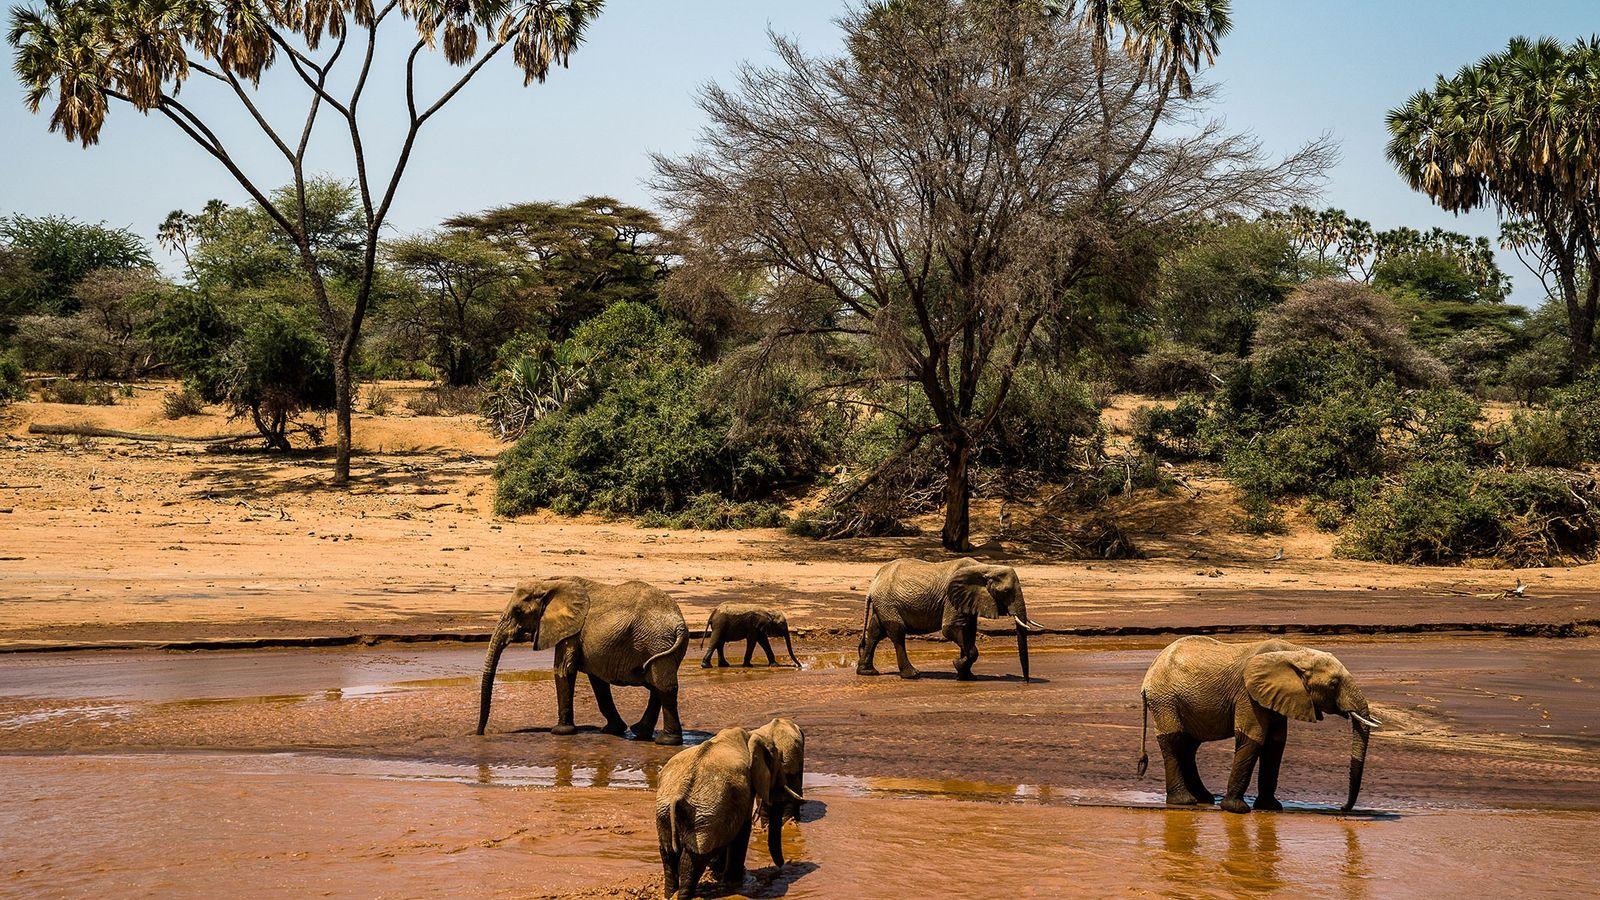 Uma manada de elefantes atravessa o rio Sarara, no Namunyak Wildlife Conservancy, no Quênia. Fundado em ...